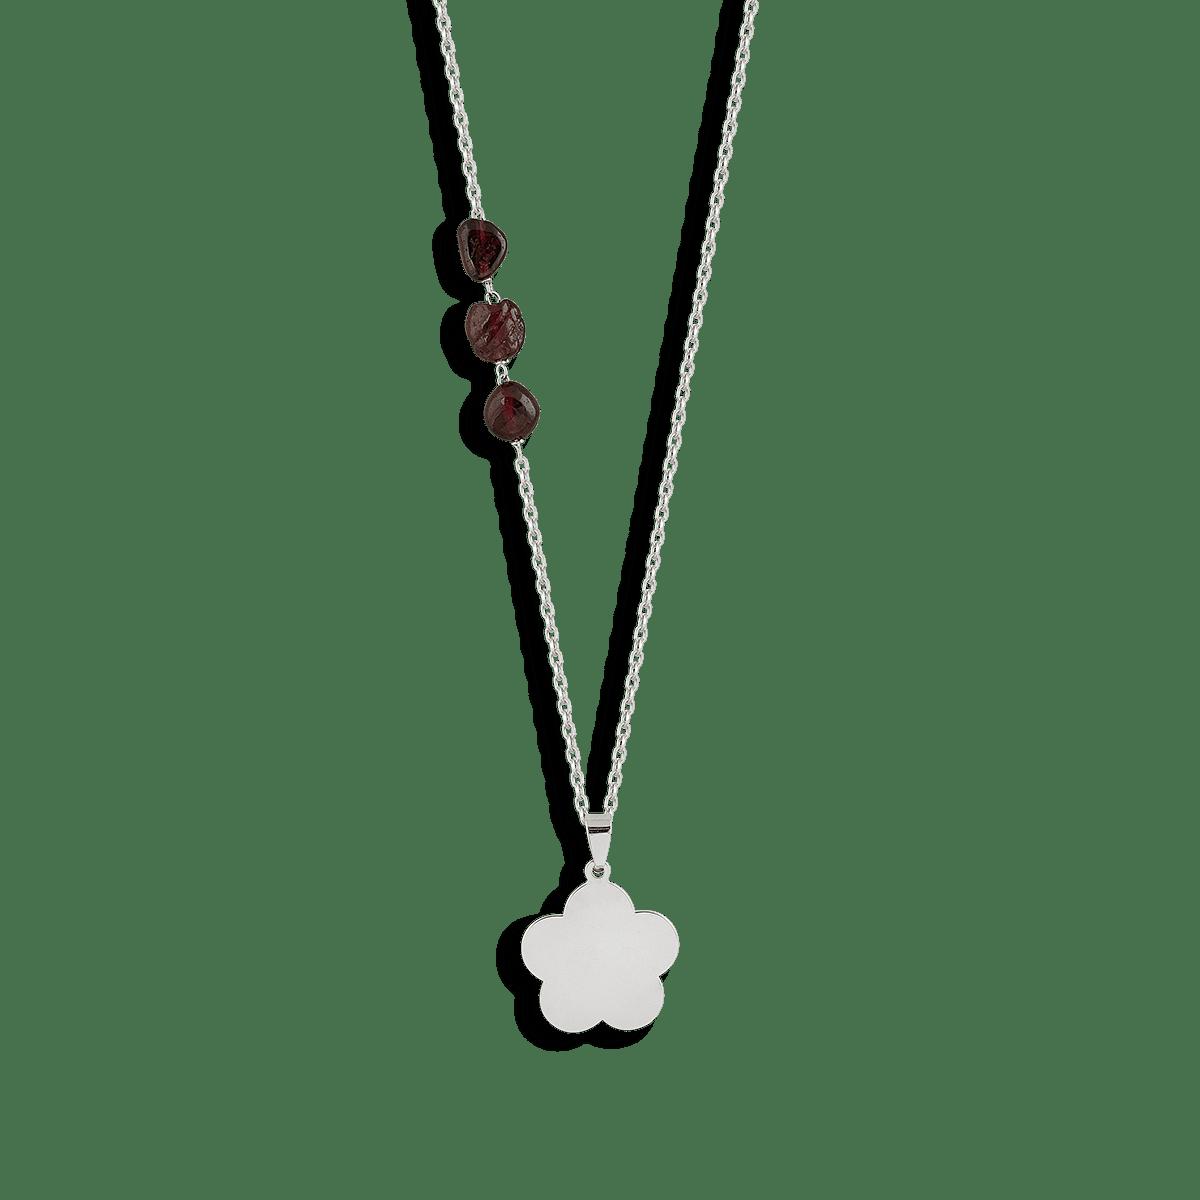 گردنبند نقره گل